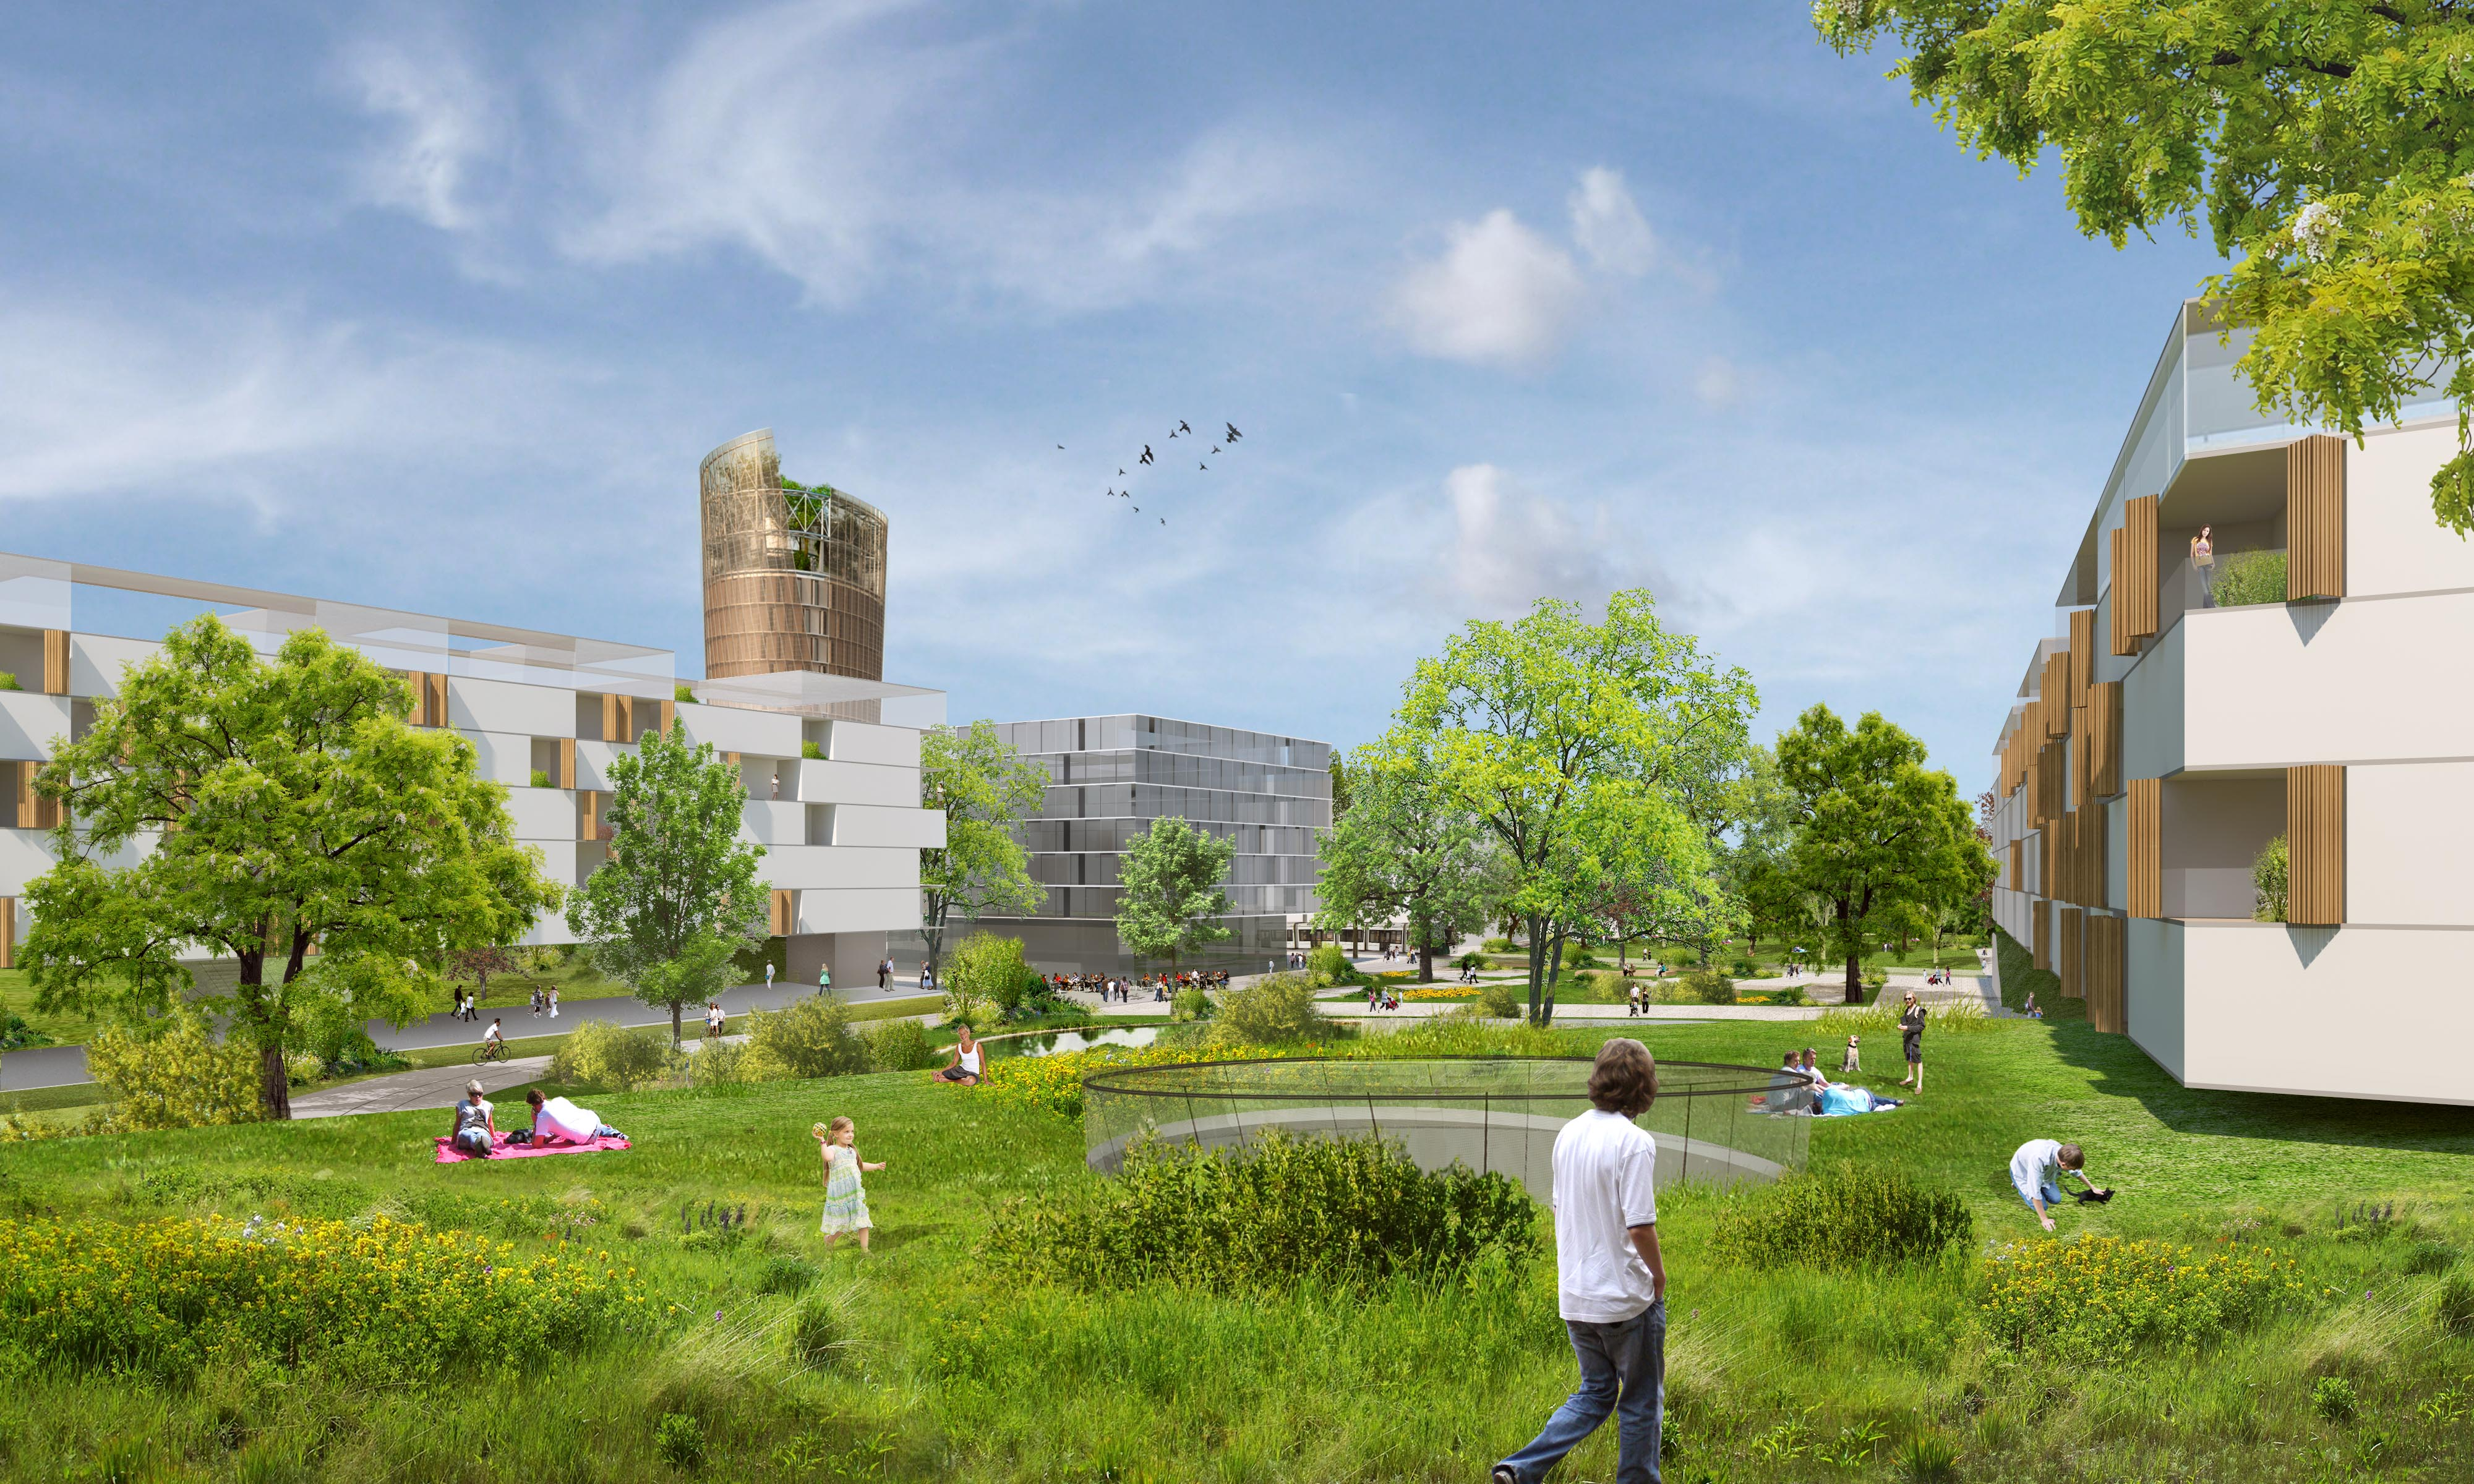 Künftige Smart City Graz mit Science Tower im Hintergrund